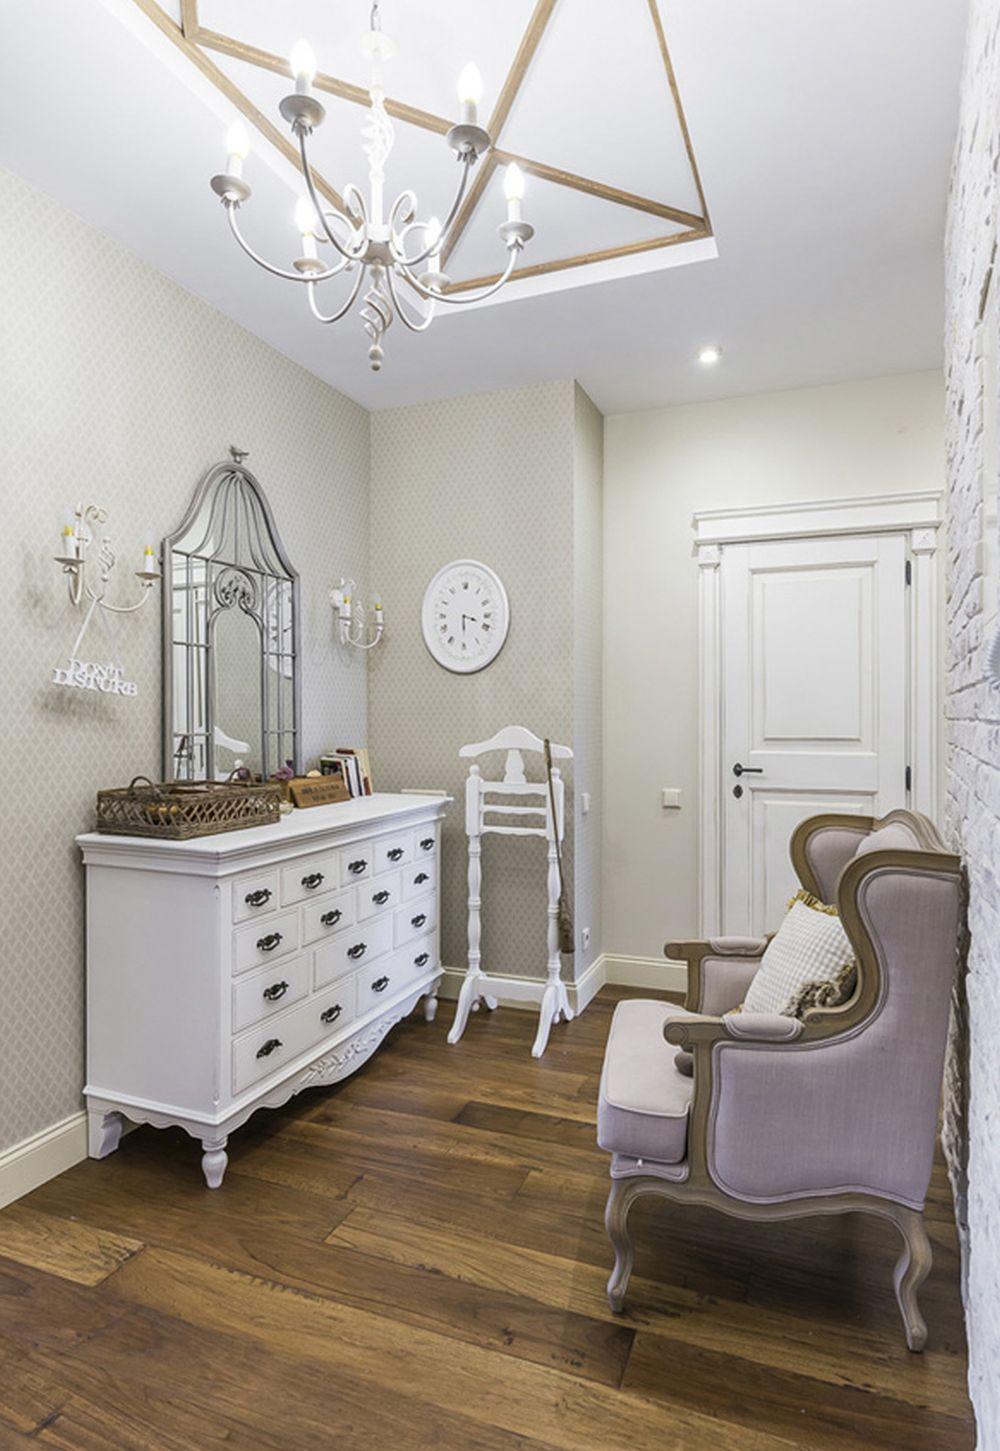 adelaparvu.com despre apartament 2 camere 82 mp, Rusia, designer Svetlana Yurkova (27)